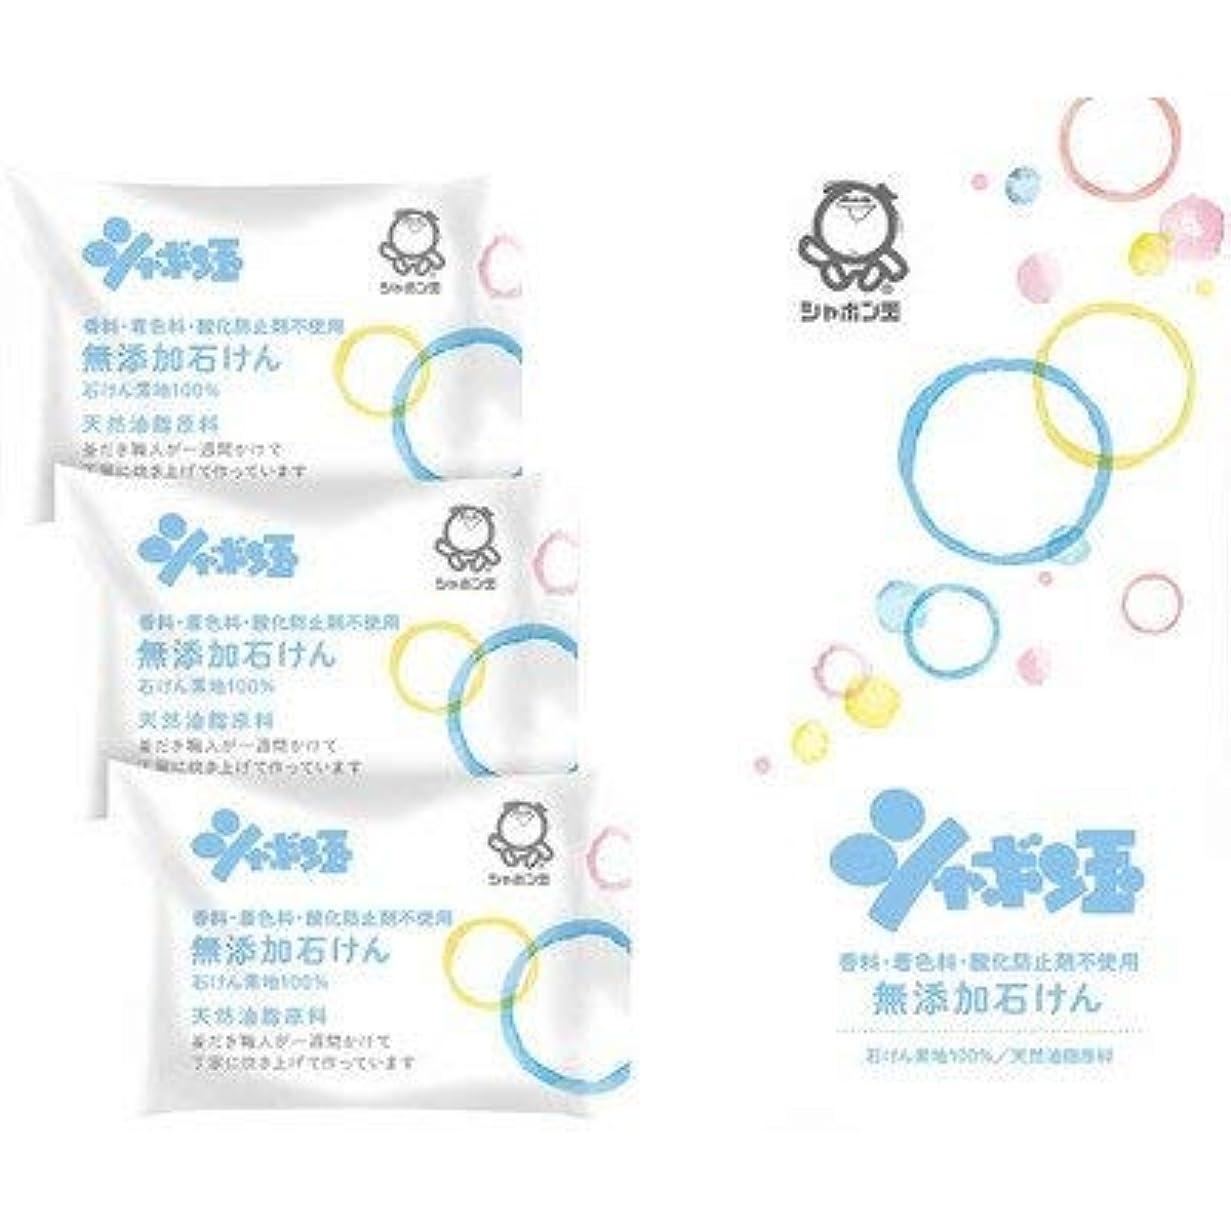 【ギフトセット】 シャボン玉無添加石鹸ギフトセット SMG-5B